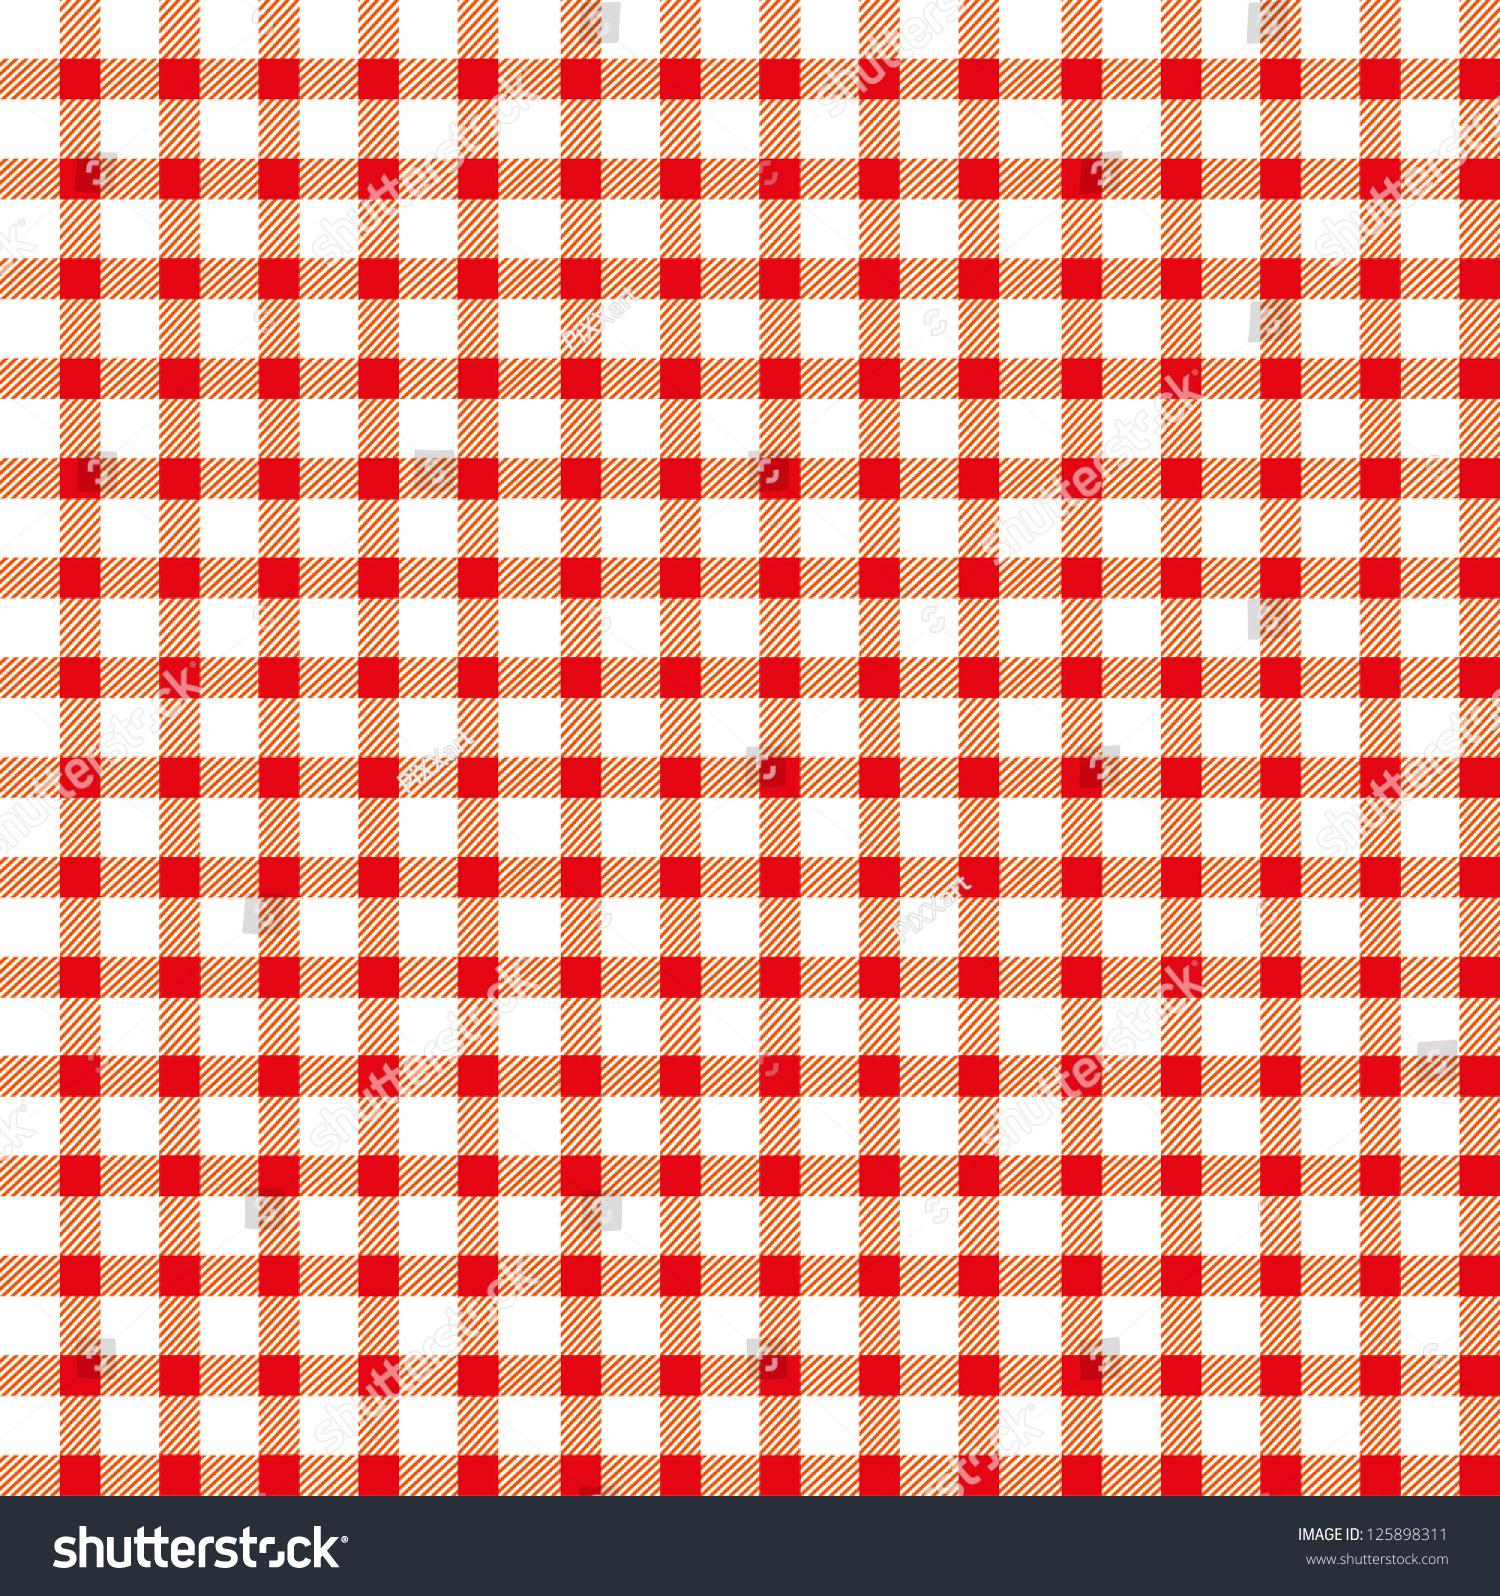 无缝复古白色红场桌布-背景/素材,复古风格-海洛创意